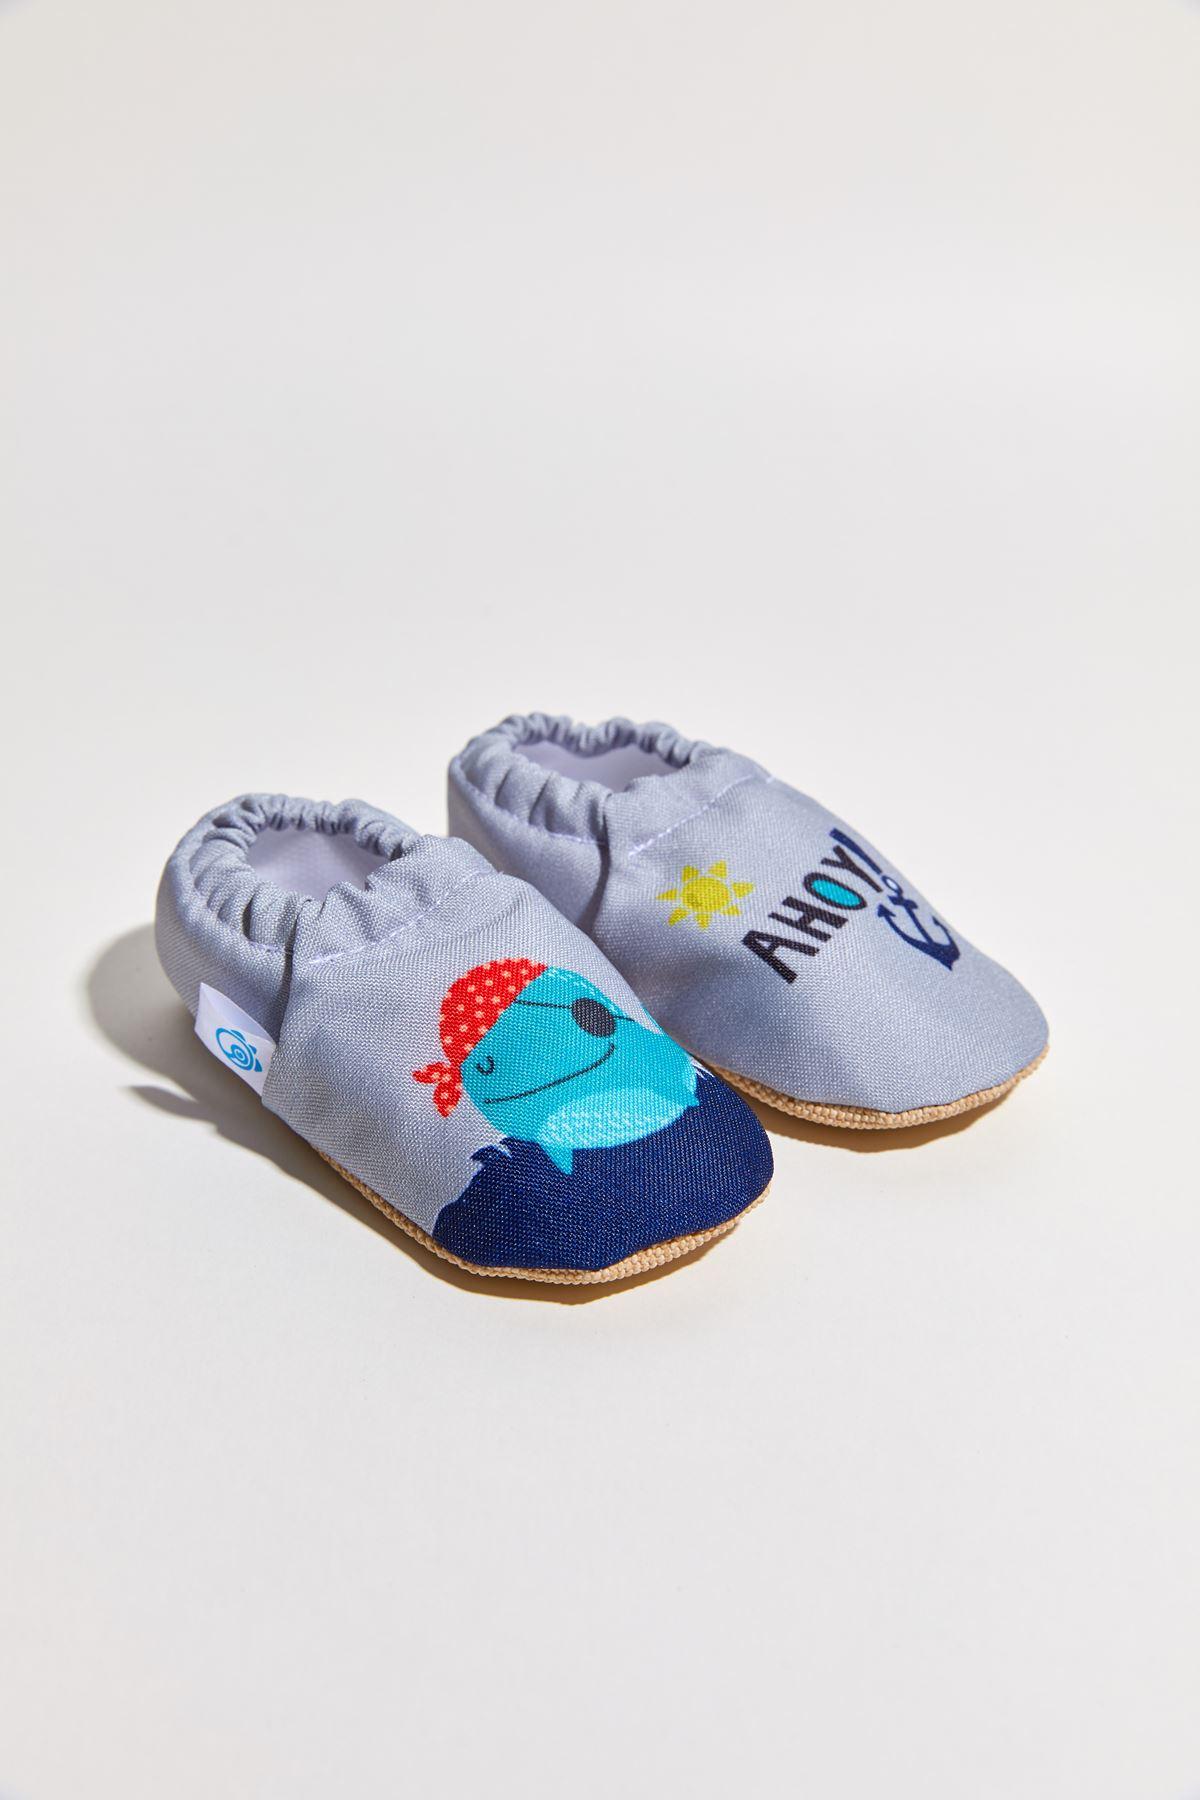 Twin Walk - Ahoy!